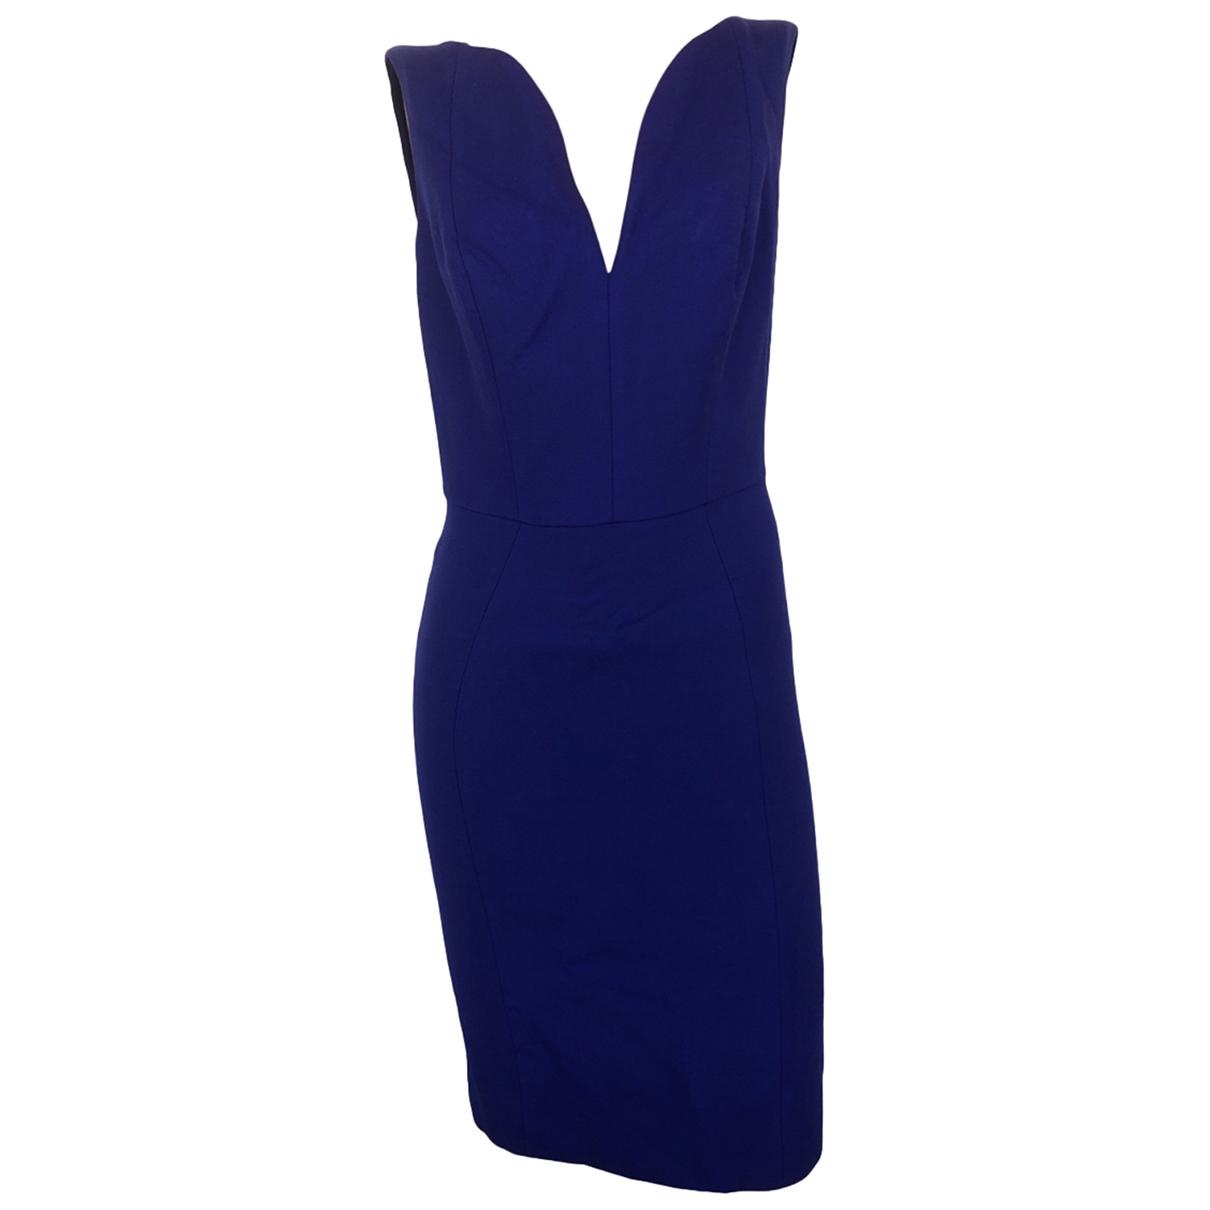 Dior - Robe   pour femme en laine - marine